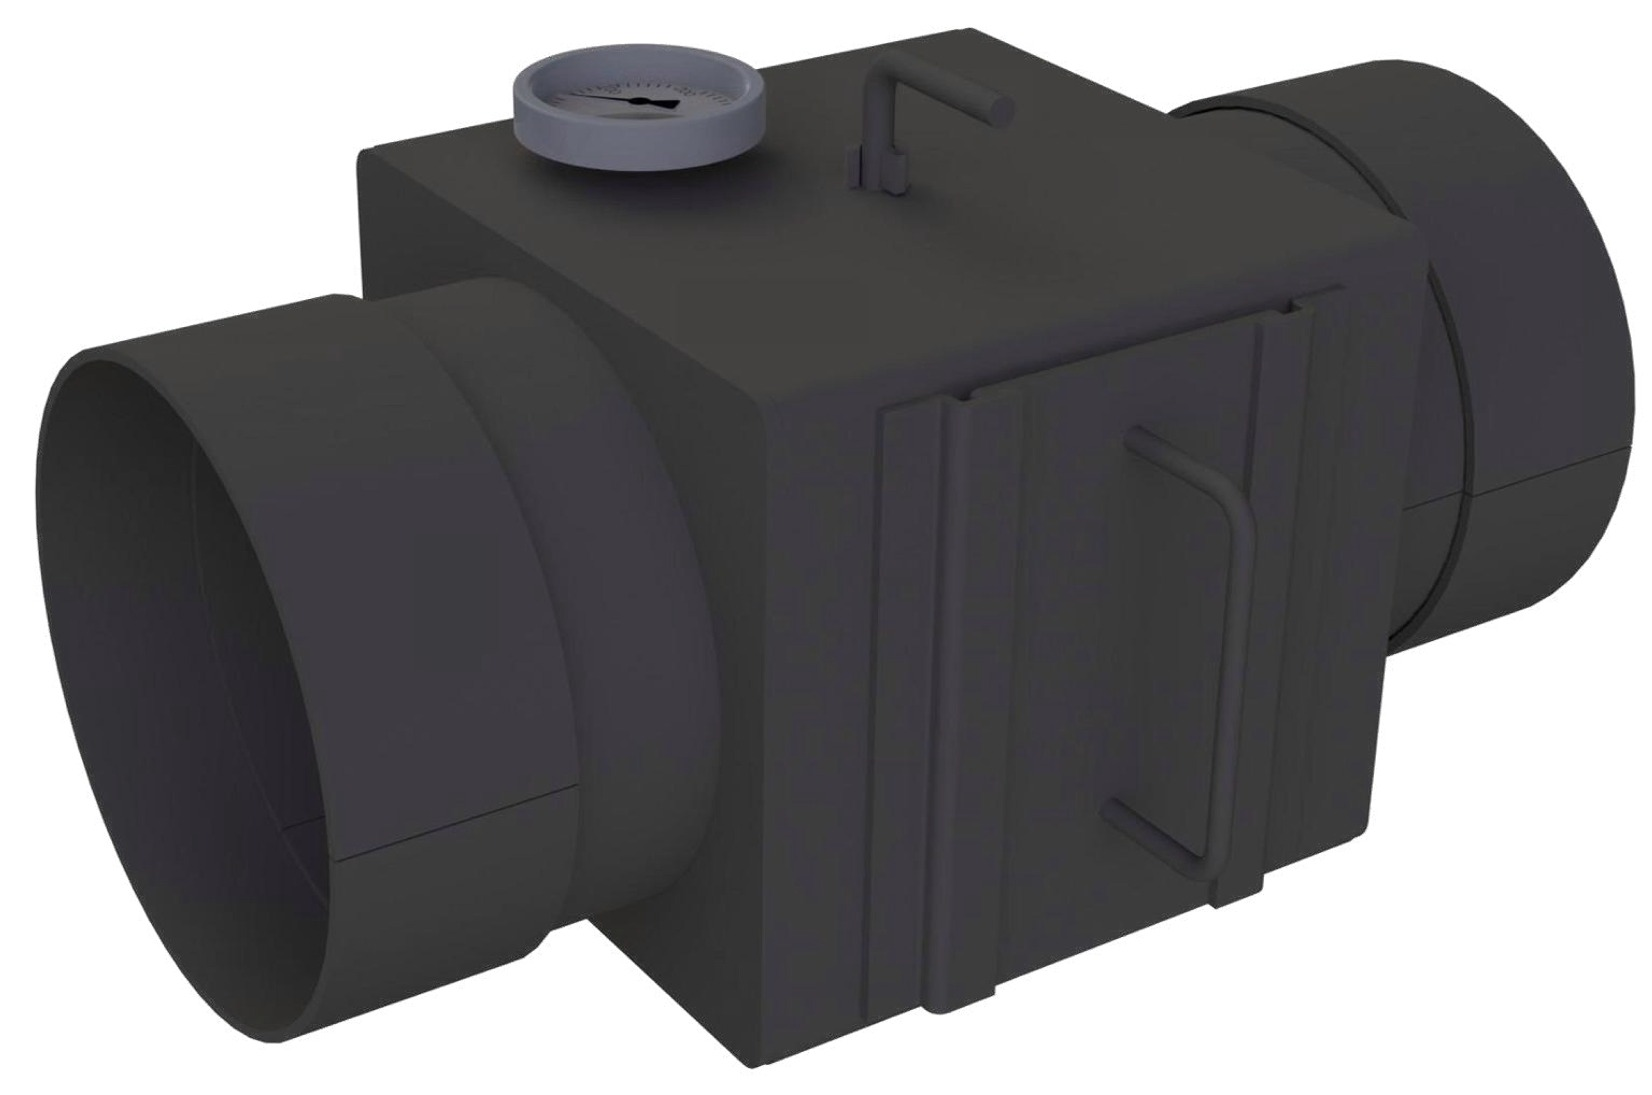 gro handel fewasol bad heizung solar kaube katalysator feinstaubfilter zum nachr sten f r. Black Bedroom Furniture Sets. Home Design Ideas